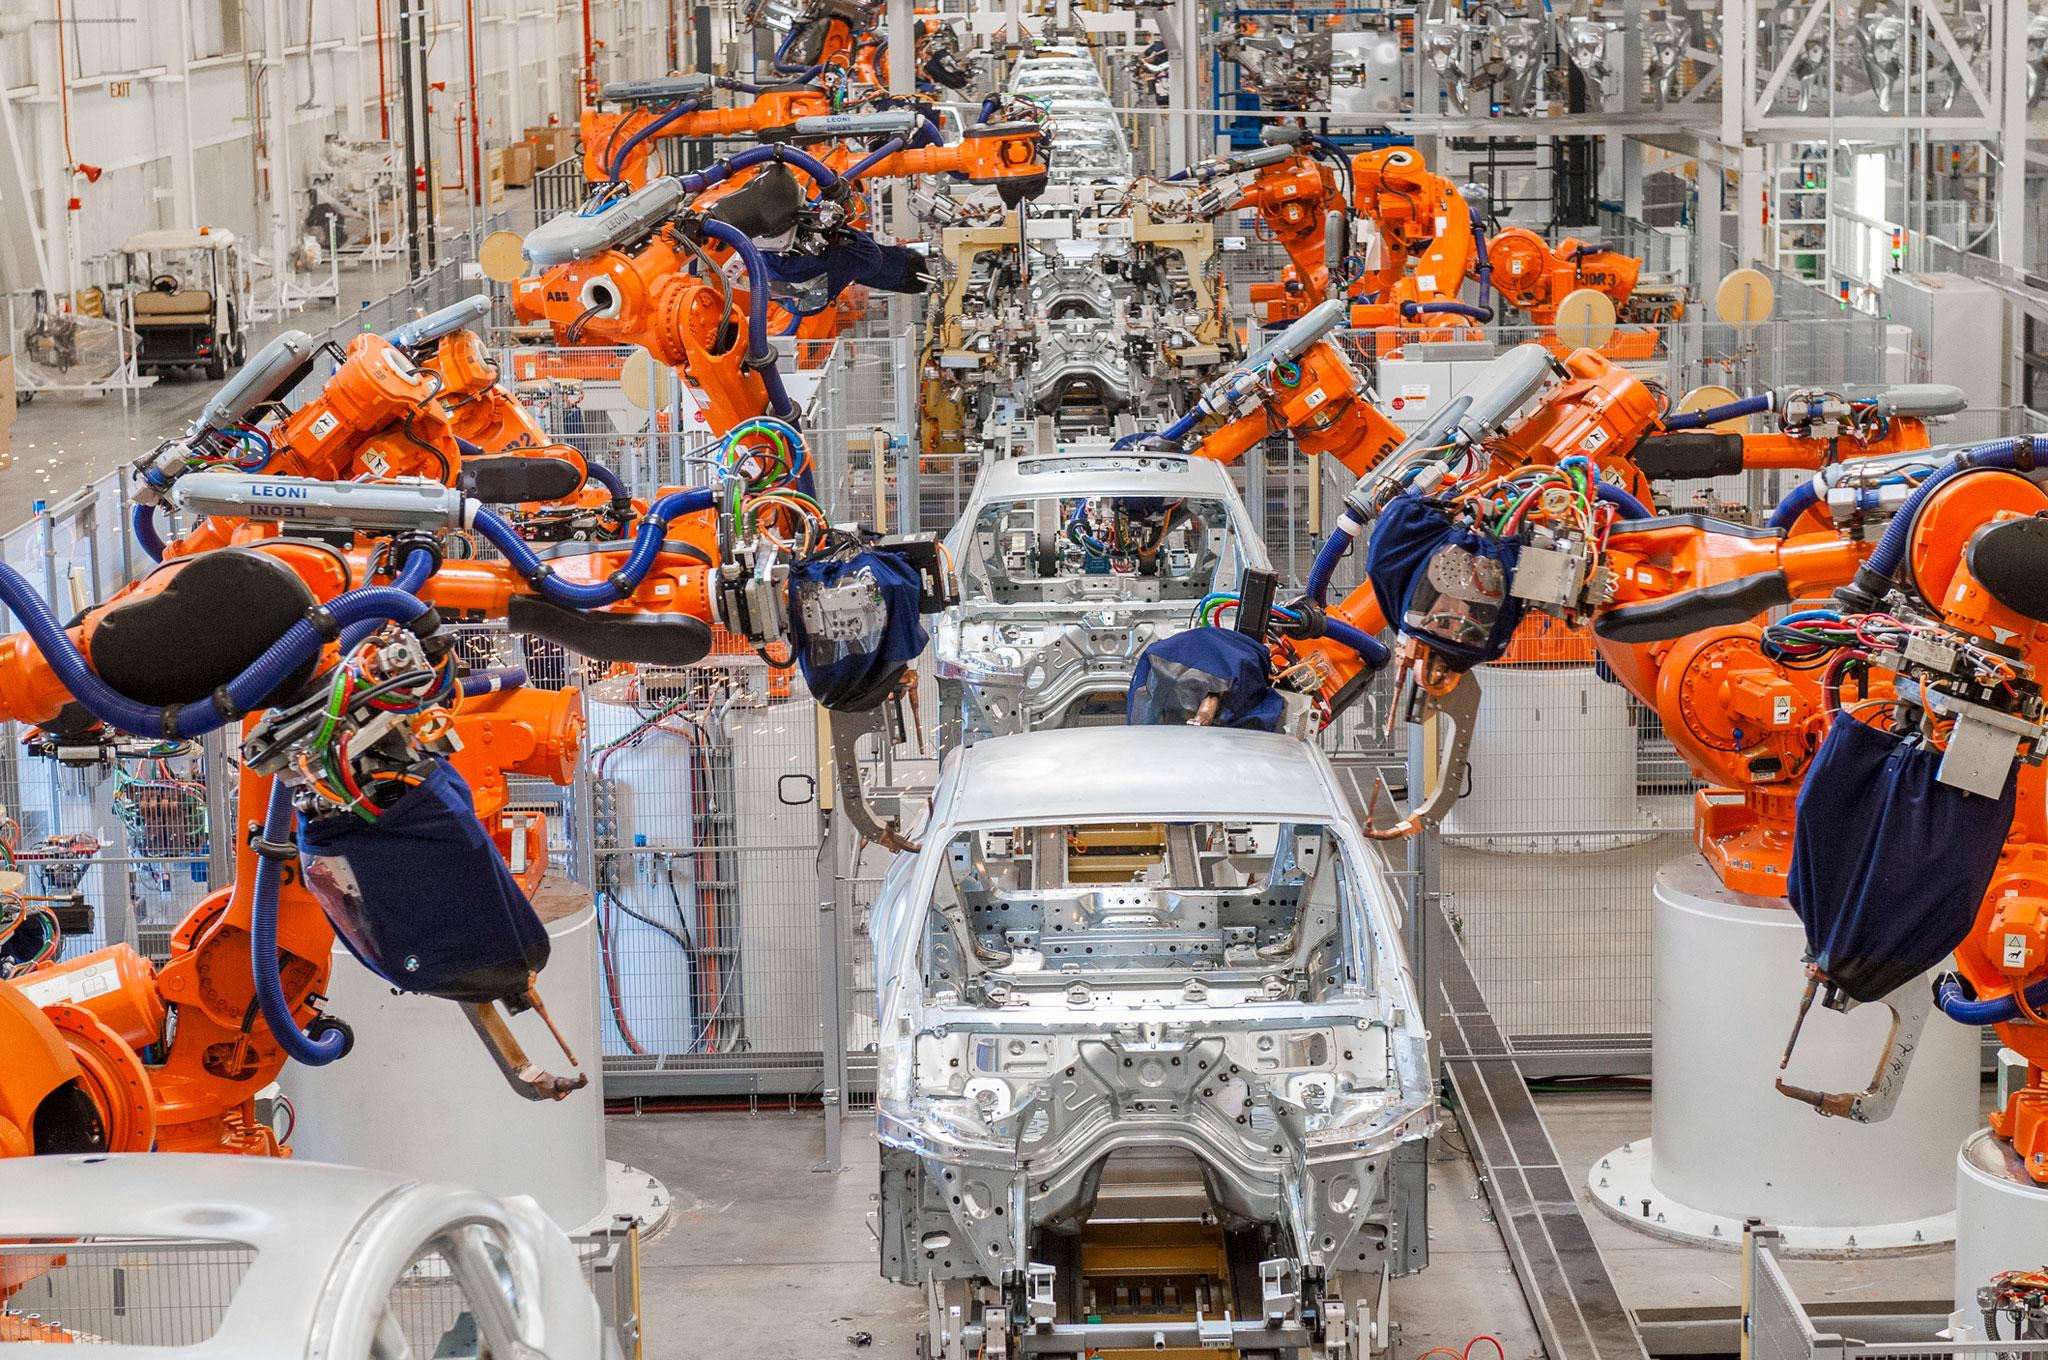 Mercedes се отказва от използването на роботи в производството на автомобили - Новини за компютри, смартфони, технологии и наука